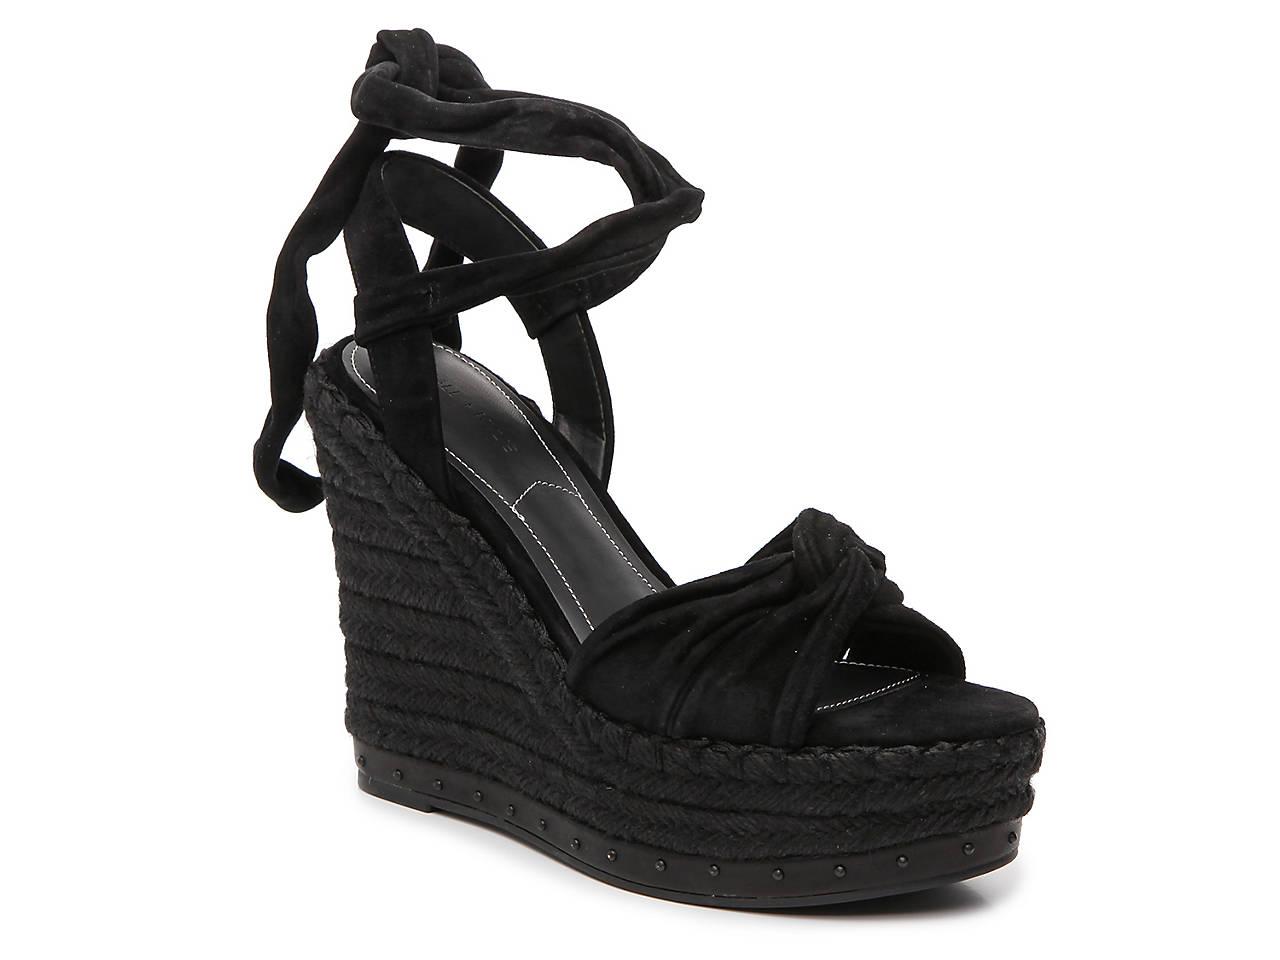 787a01c2de51 Kendall + Kylie Grayce Espadrille Wedge Sandal Women s Shoes